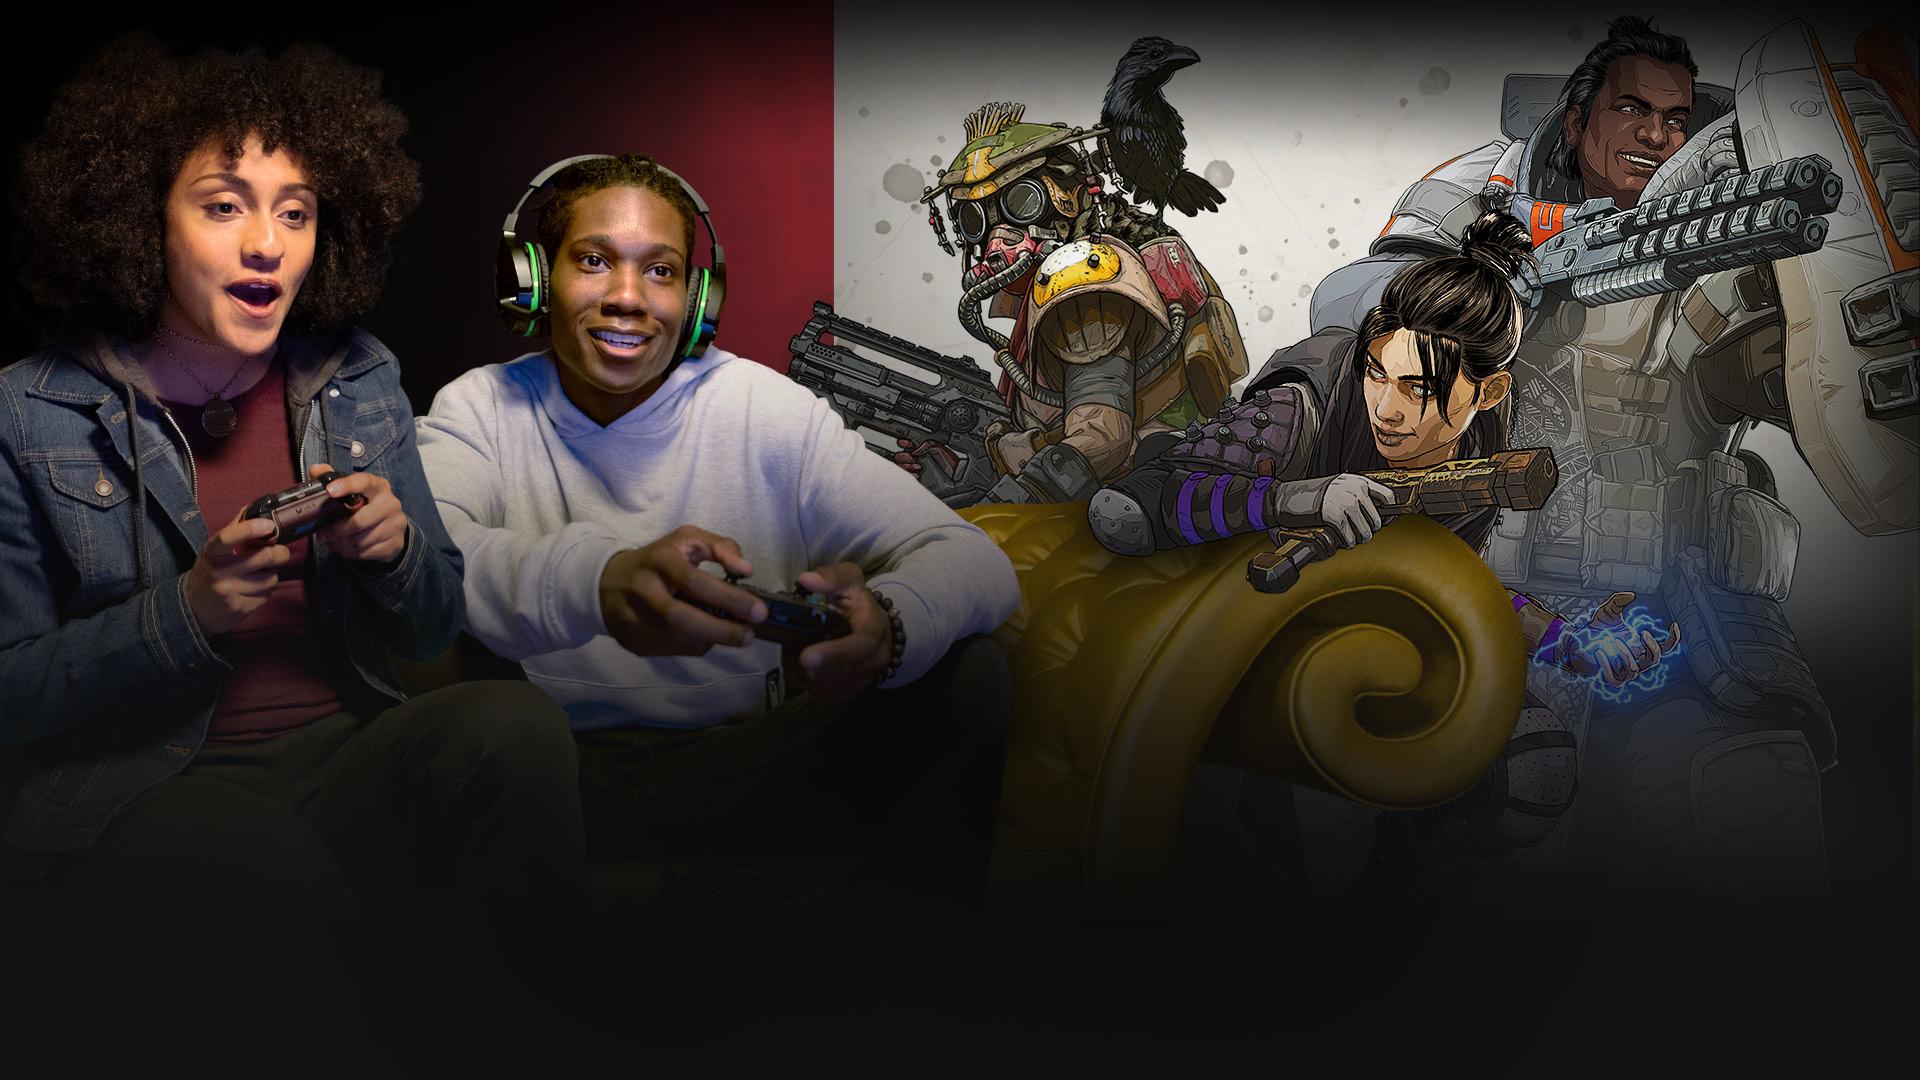 Deux personnes tenant une manette Xbox One chacun, assises sur un canapé doré, avec trois personnages Apex Legends près de l'accoudoir